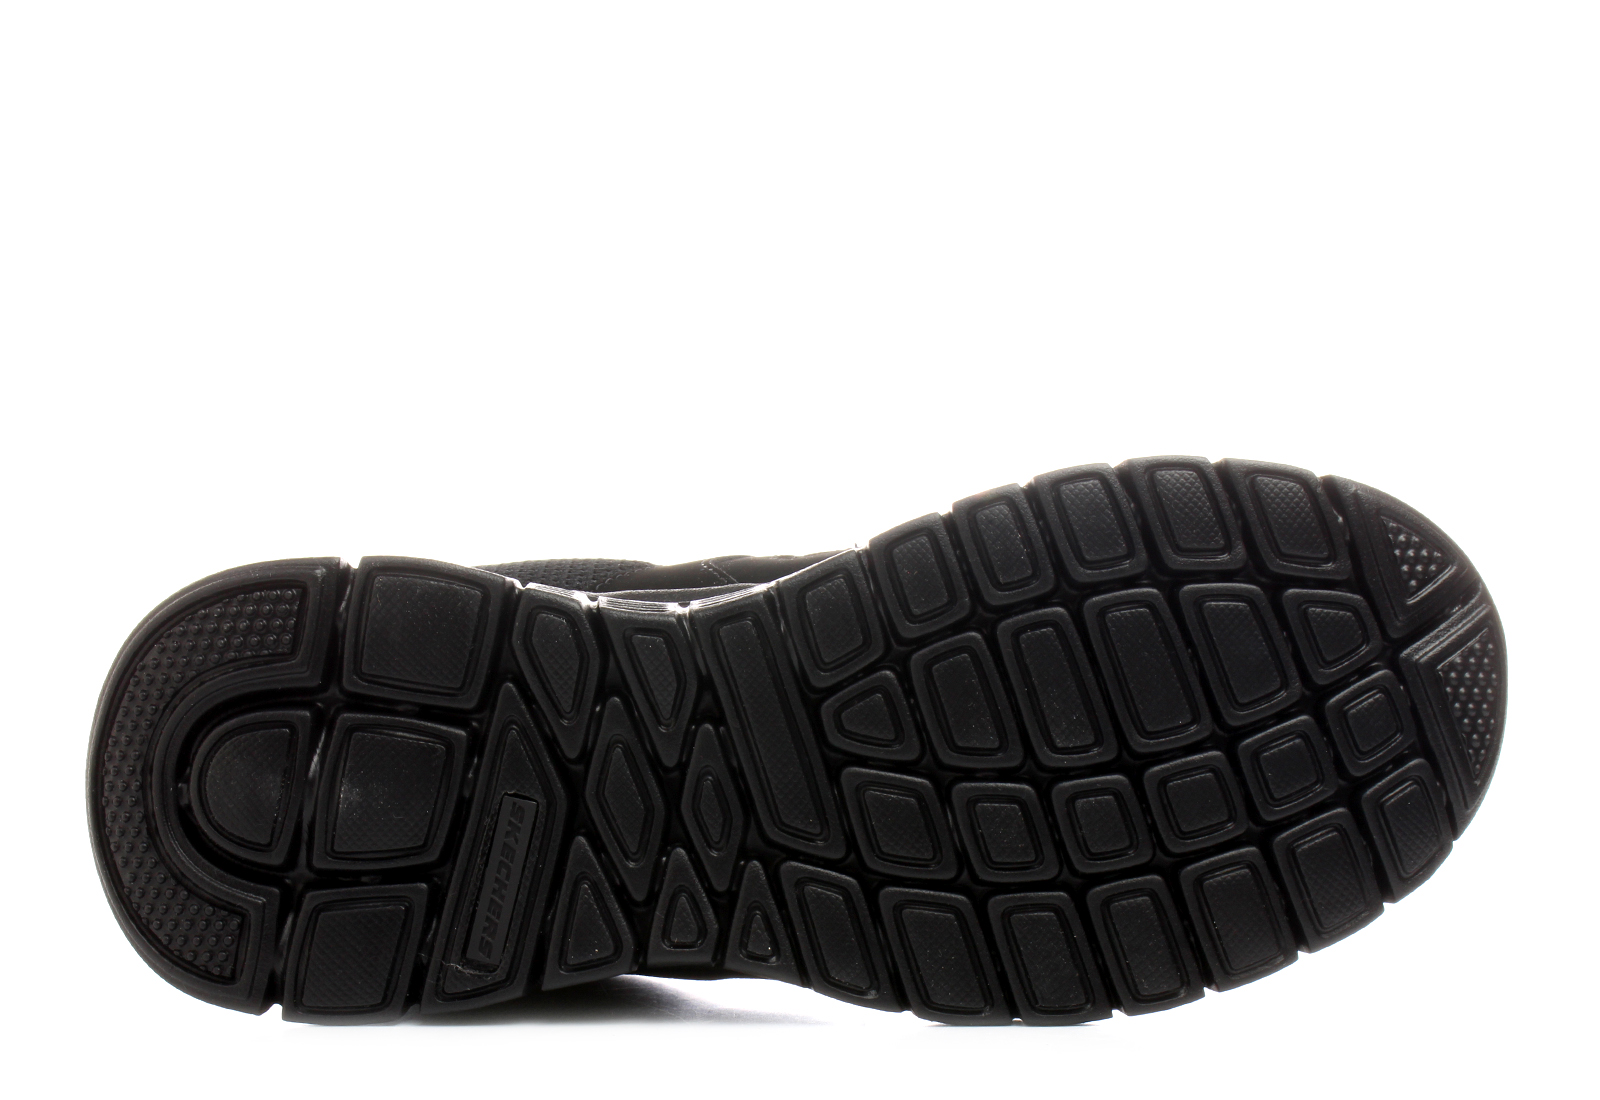 Elasticidad pueblo Alegaciones  Skechers Półbuty - Burns - Agoura - 52635-bbk - Obuwie i buty damskie,  męskie, dziecięce w Office Shoes